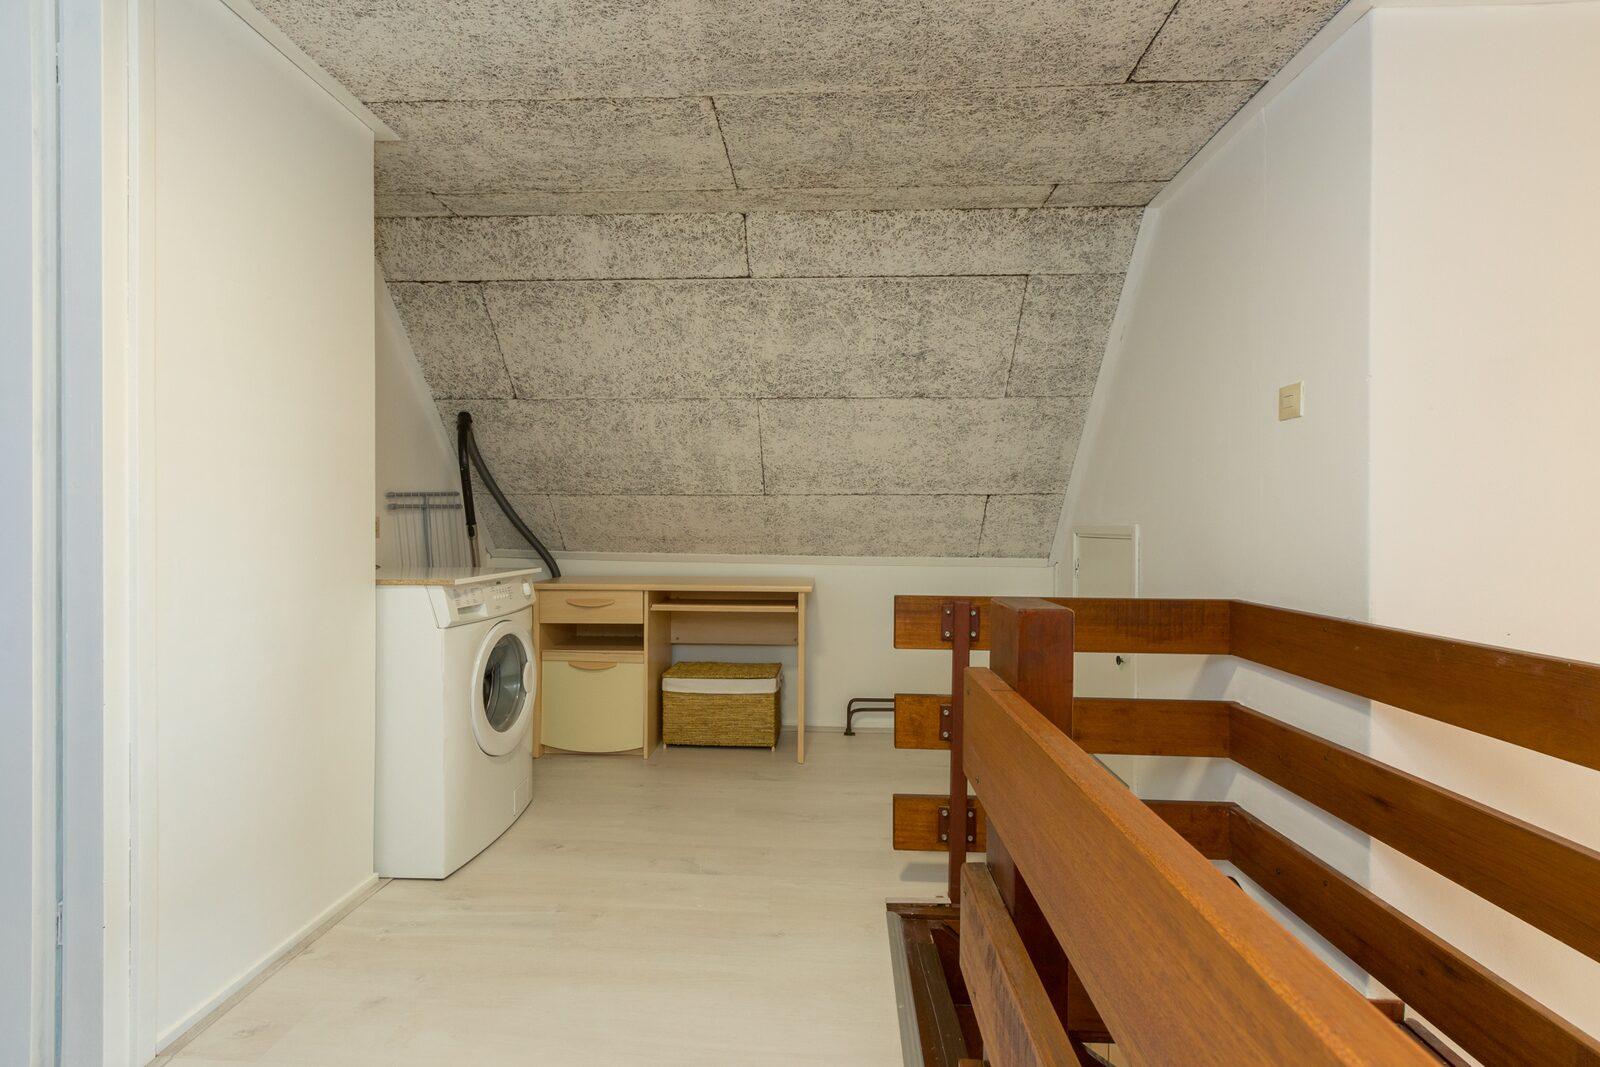 Appartement - Kievitenlaan 22 | Veere